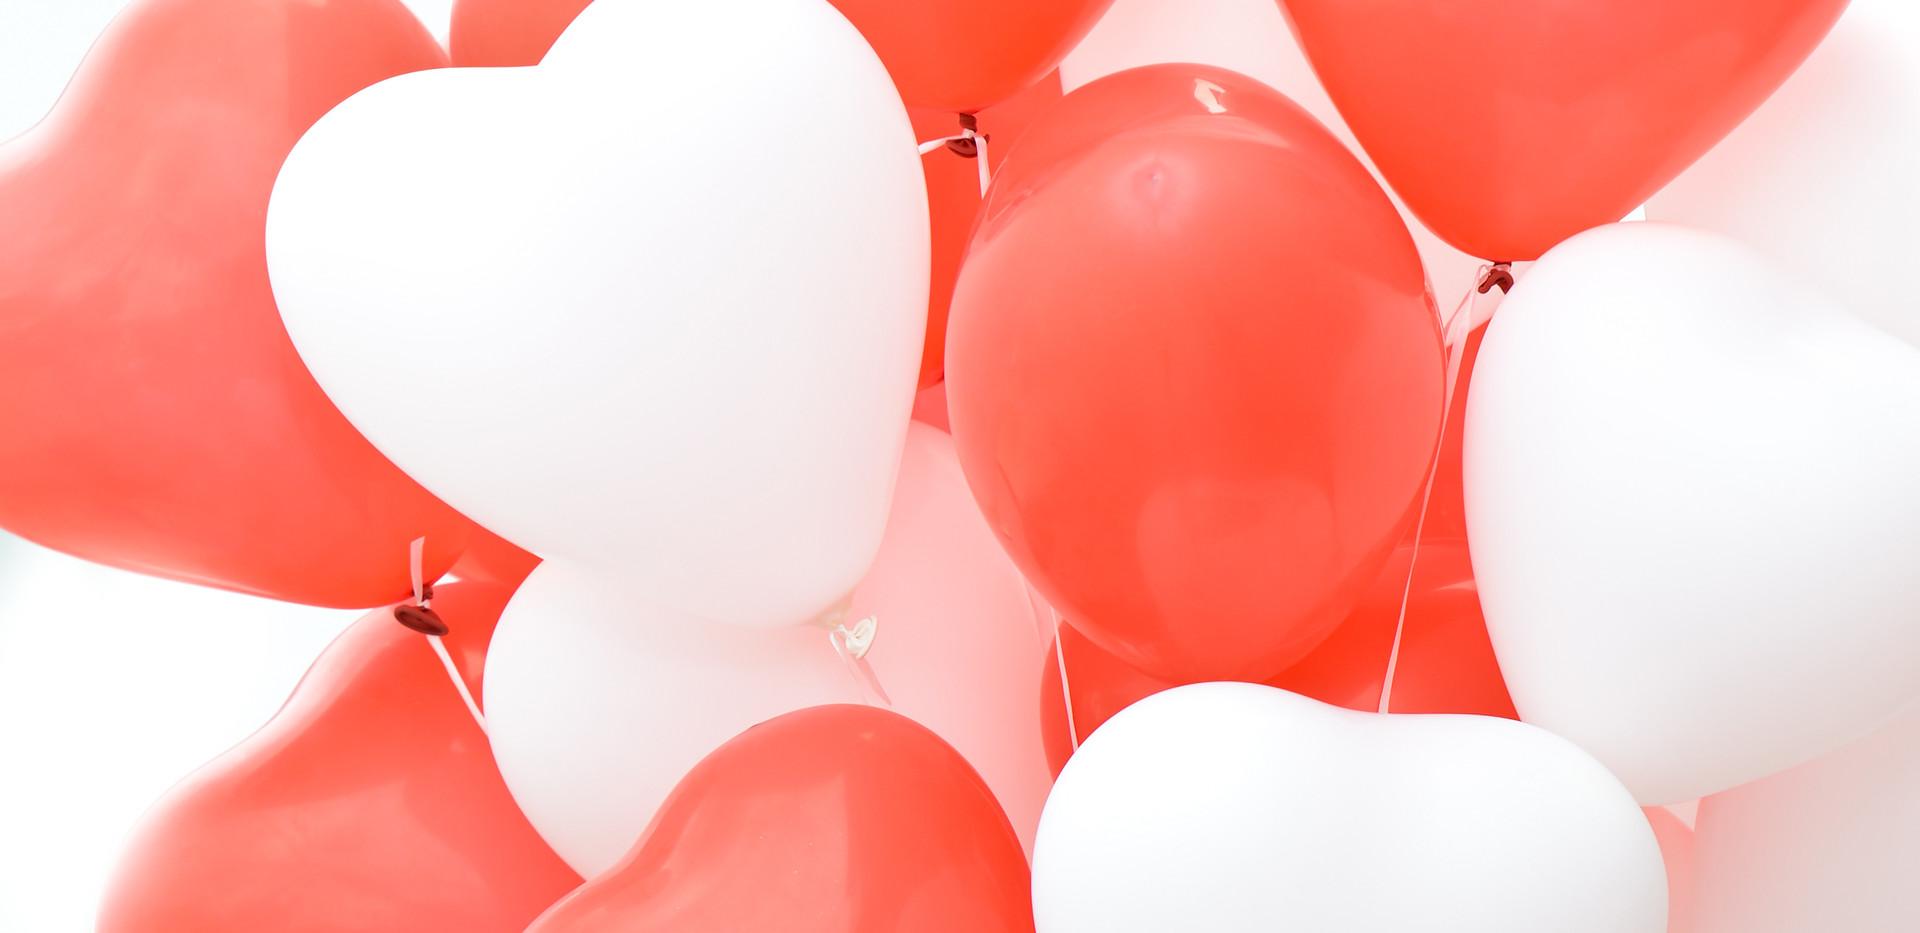 Luftballons_rot_weiß.jpg